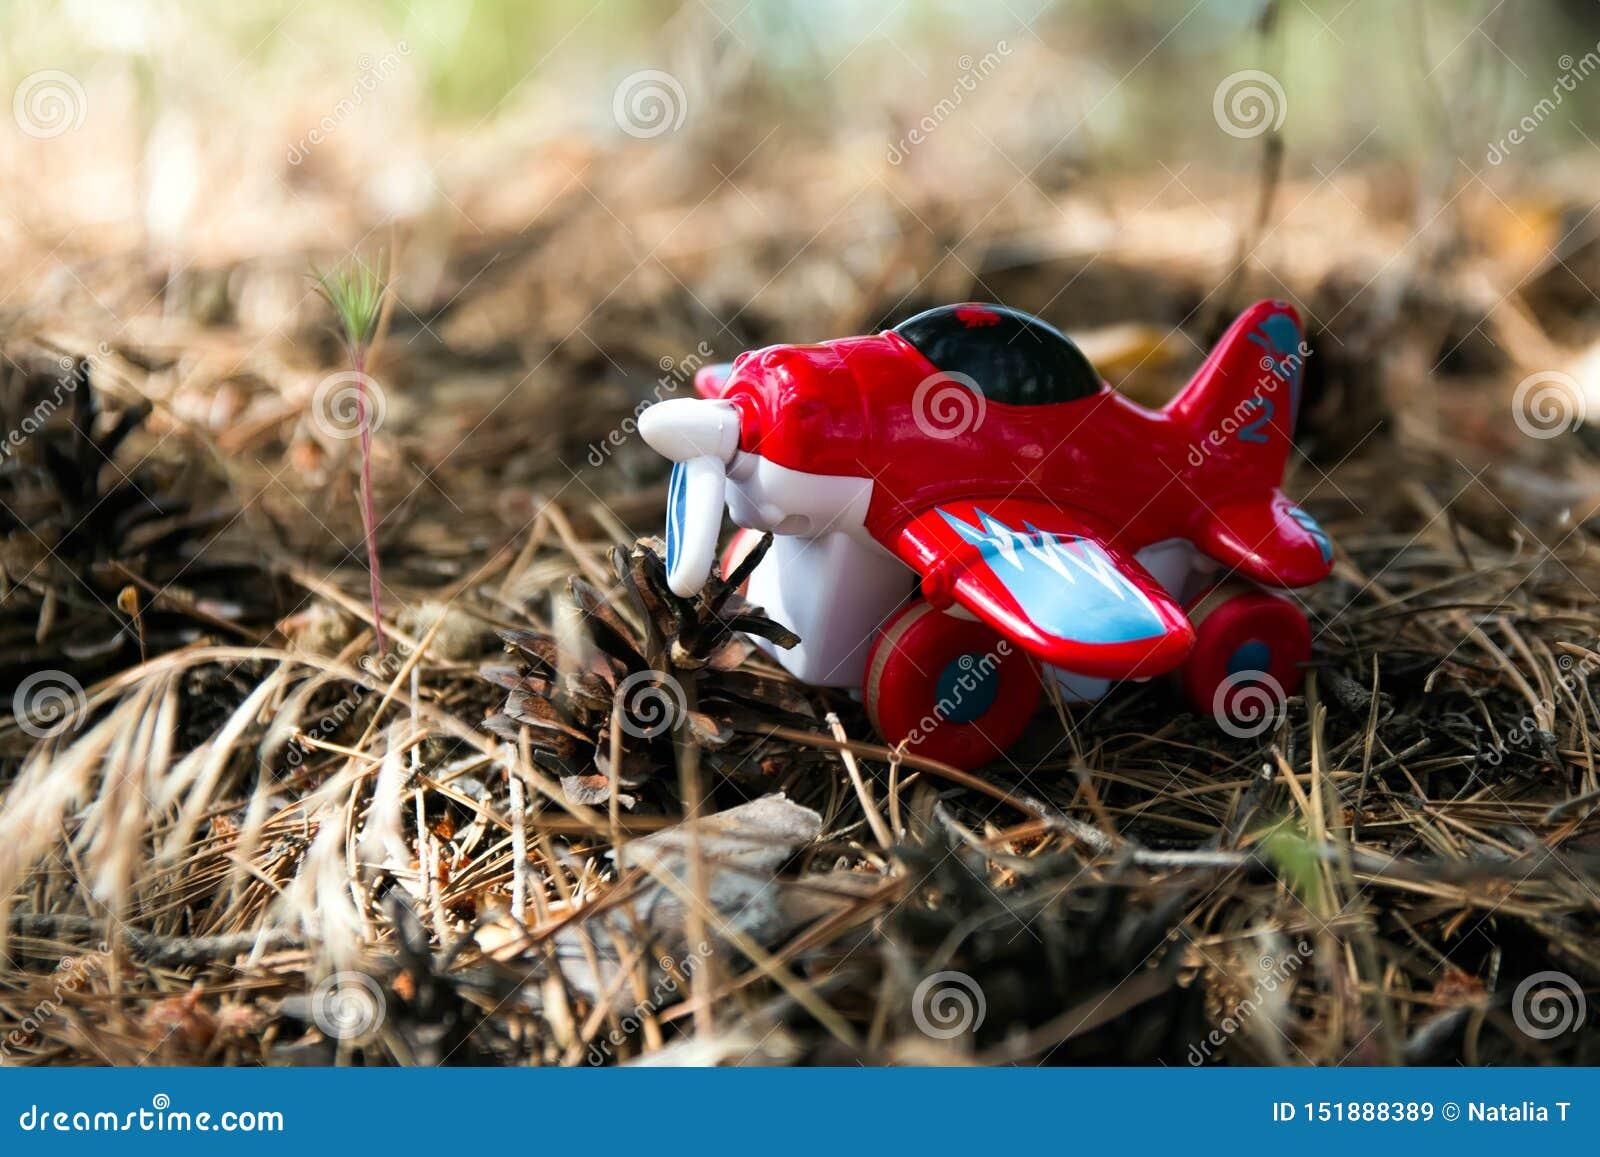 Rood stuk speelgoed vliegtuig tegen, een achtergrond van gebladerte